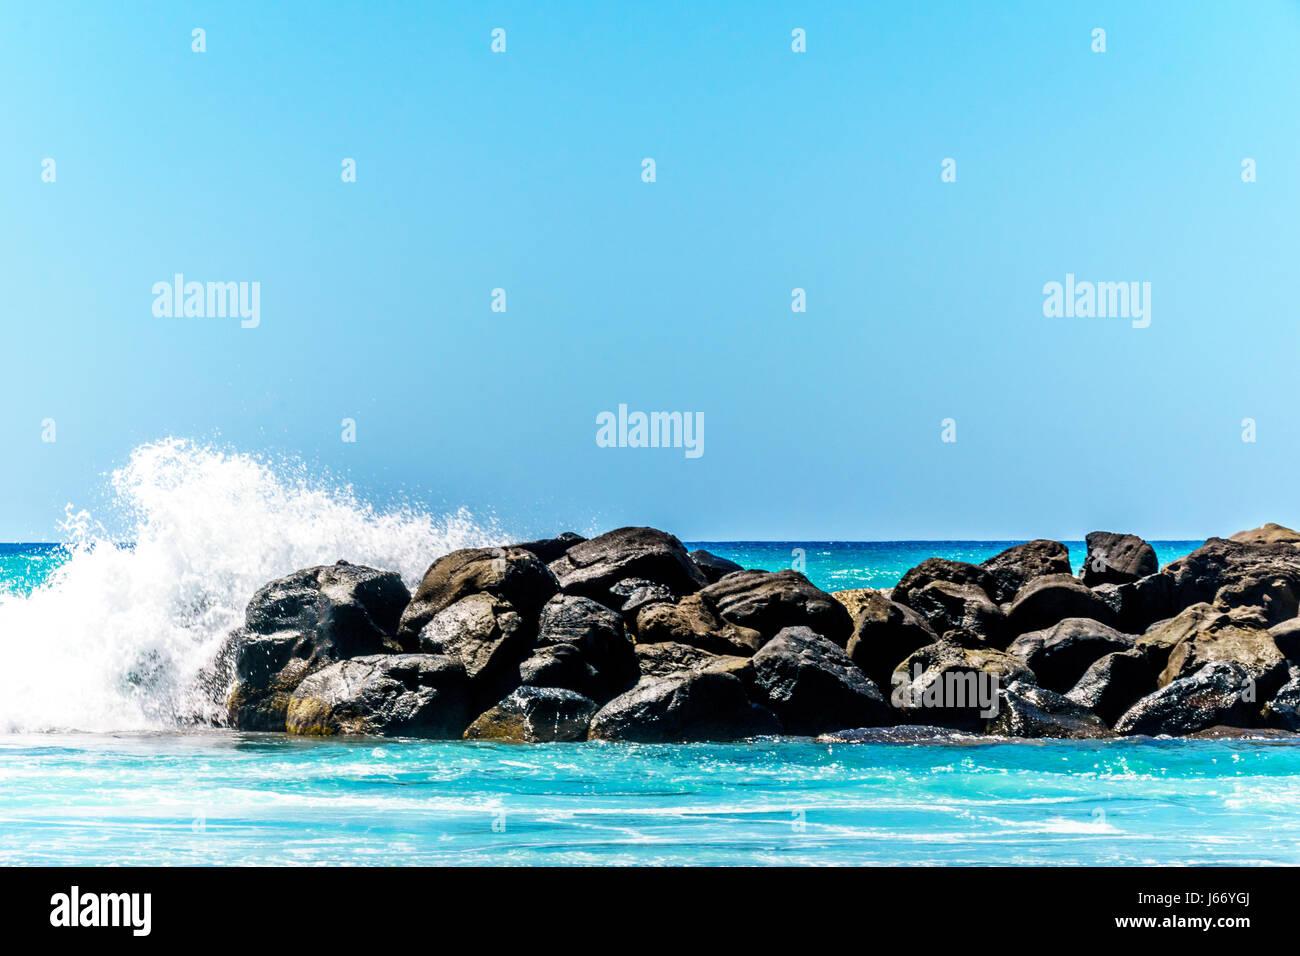 Olas rompiendo sobre las barreras que crean las lagunas de Ko Olina en la costa oeste de la isla hawaiana de Oahu. Las lagunas ideales para nadar Foto de stock